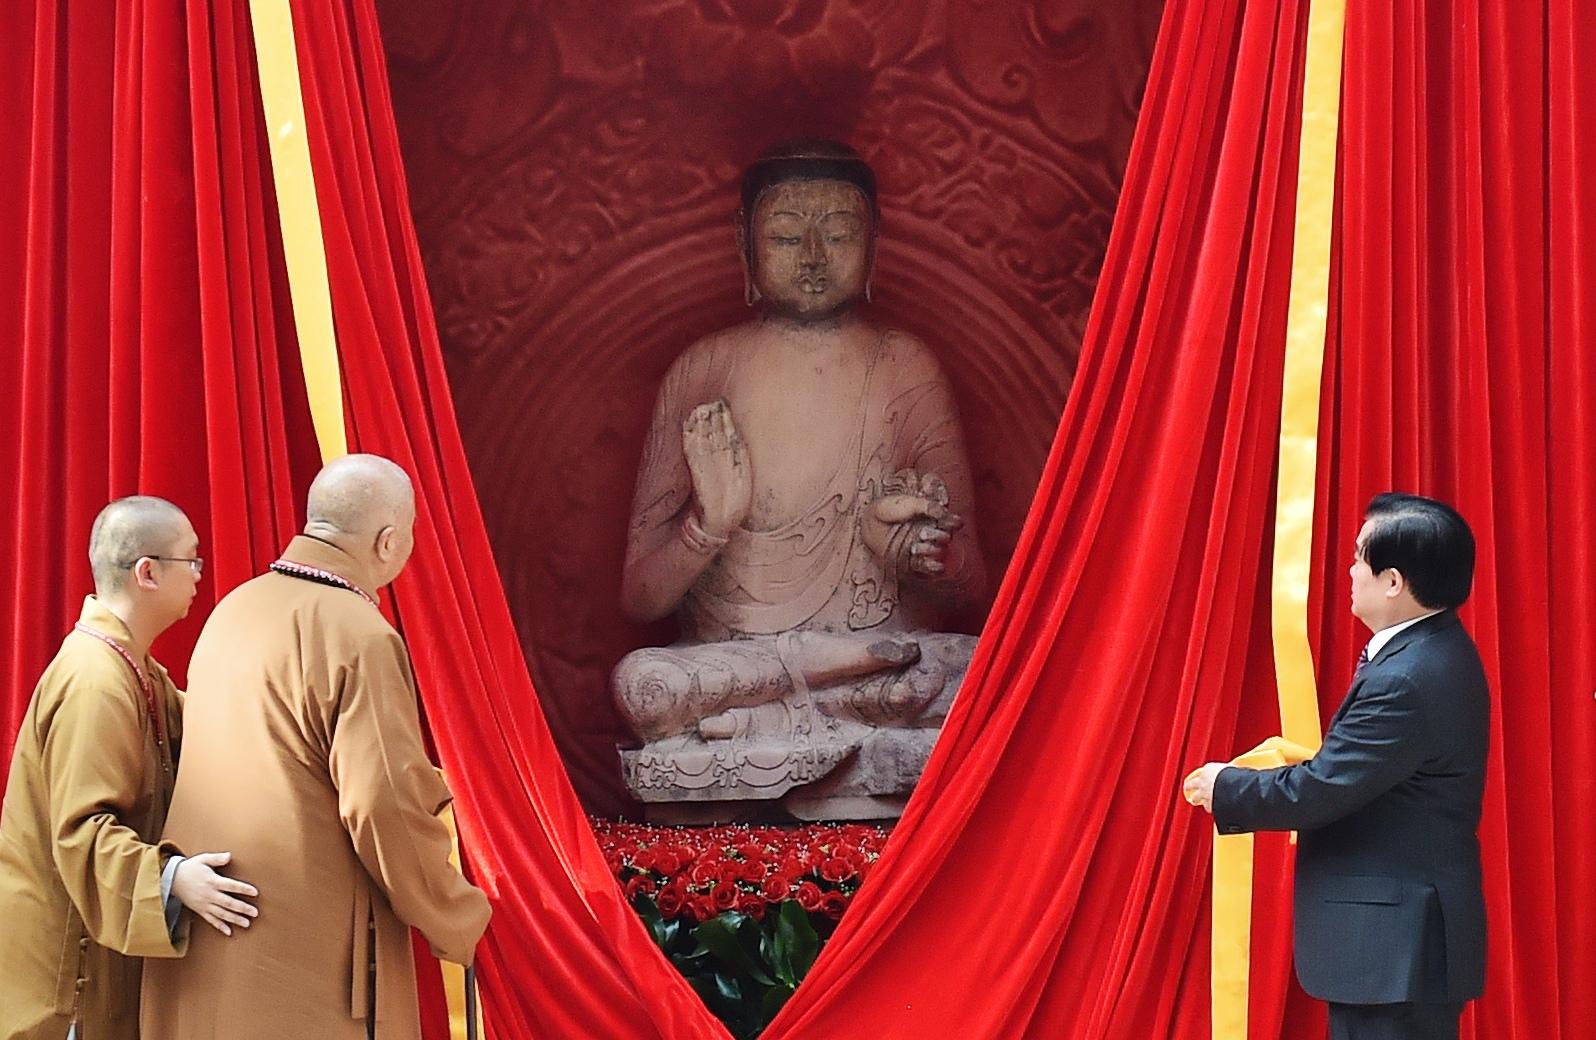 2016年4月30日,流失境外近20载的北齐佛首与佛身合璧入藏河北博物院,星云大师(左二)等为佛像揭幕。(新华社记者 王晓摄)